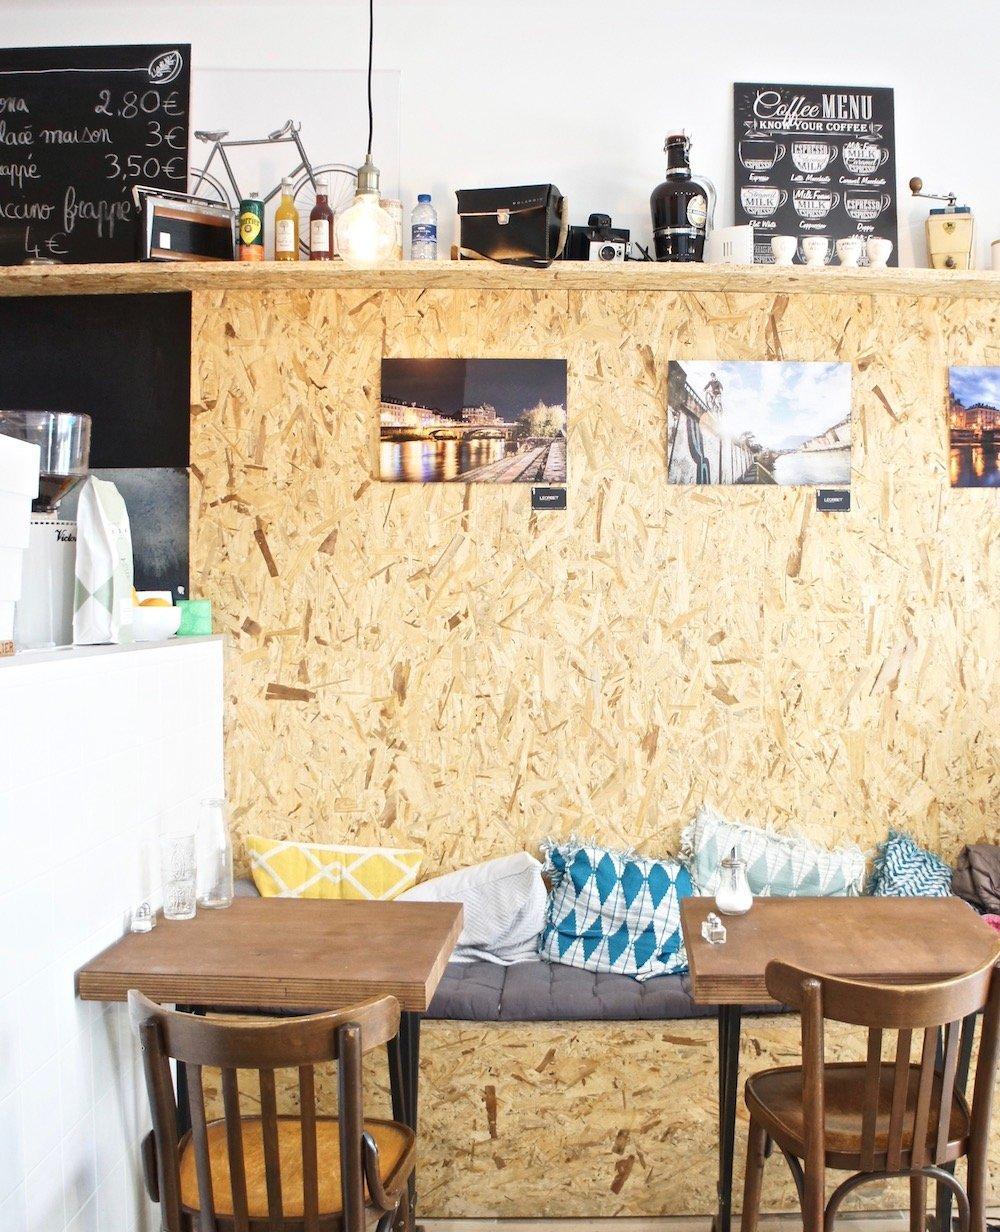 l'atelier restaurant poke bowls grenoble